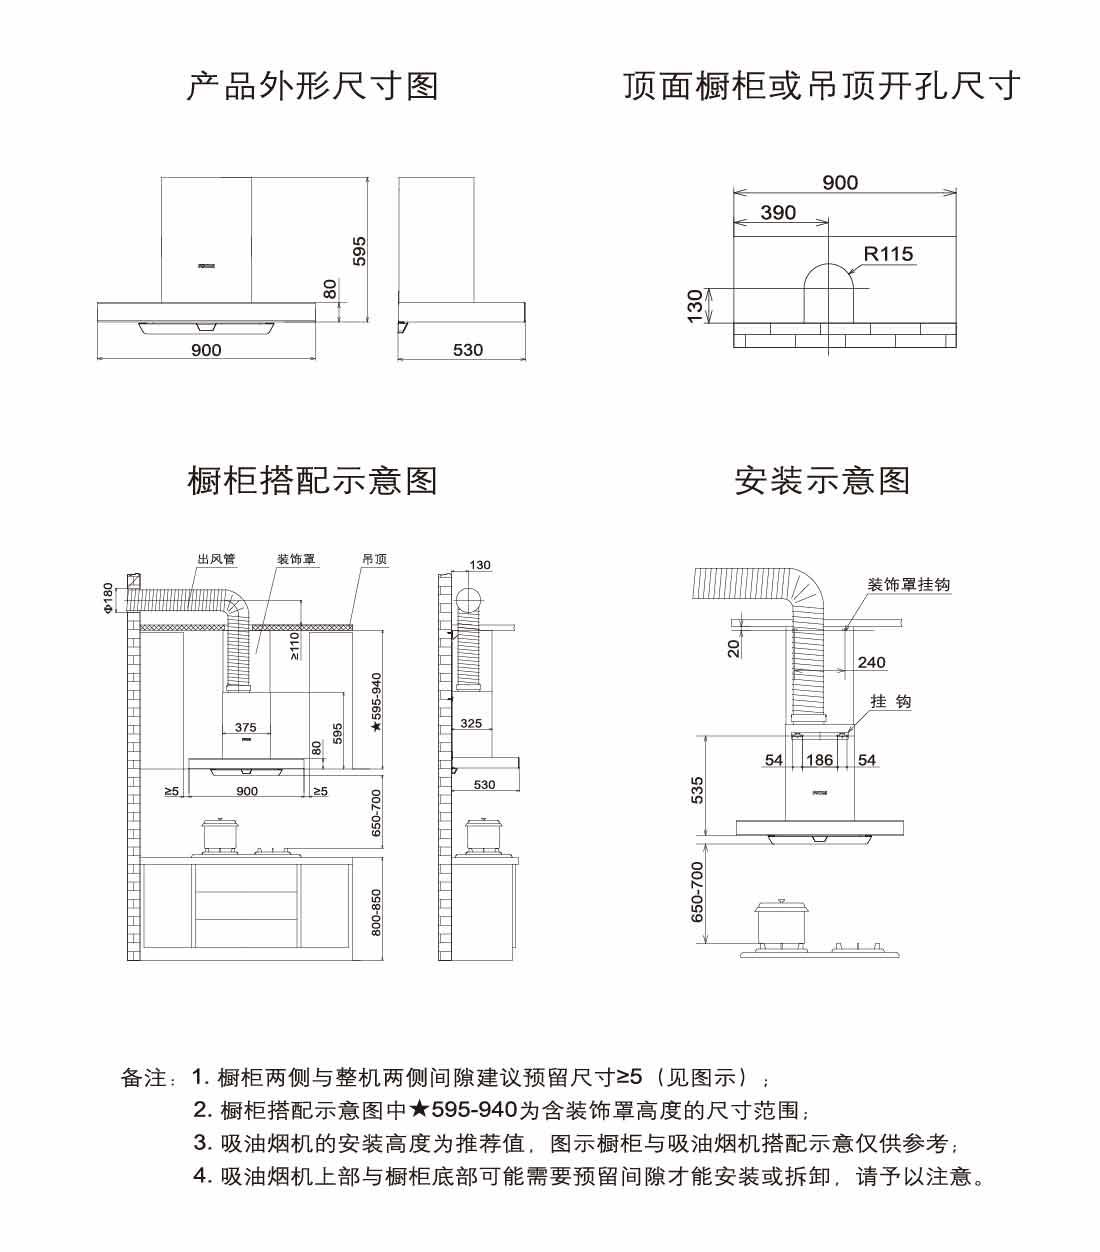 彩28彩票CXW-200-EMD3装置表示图